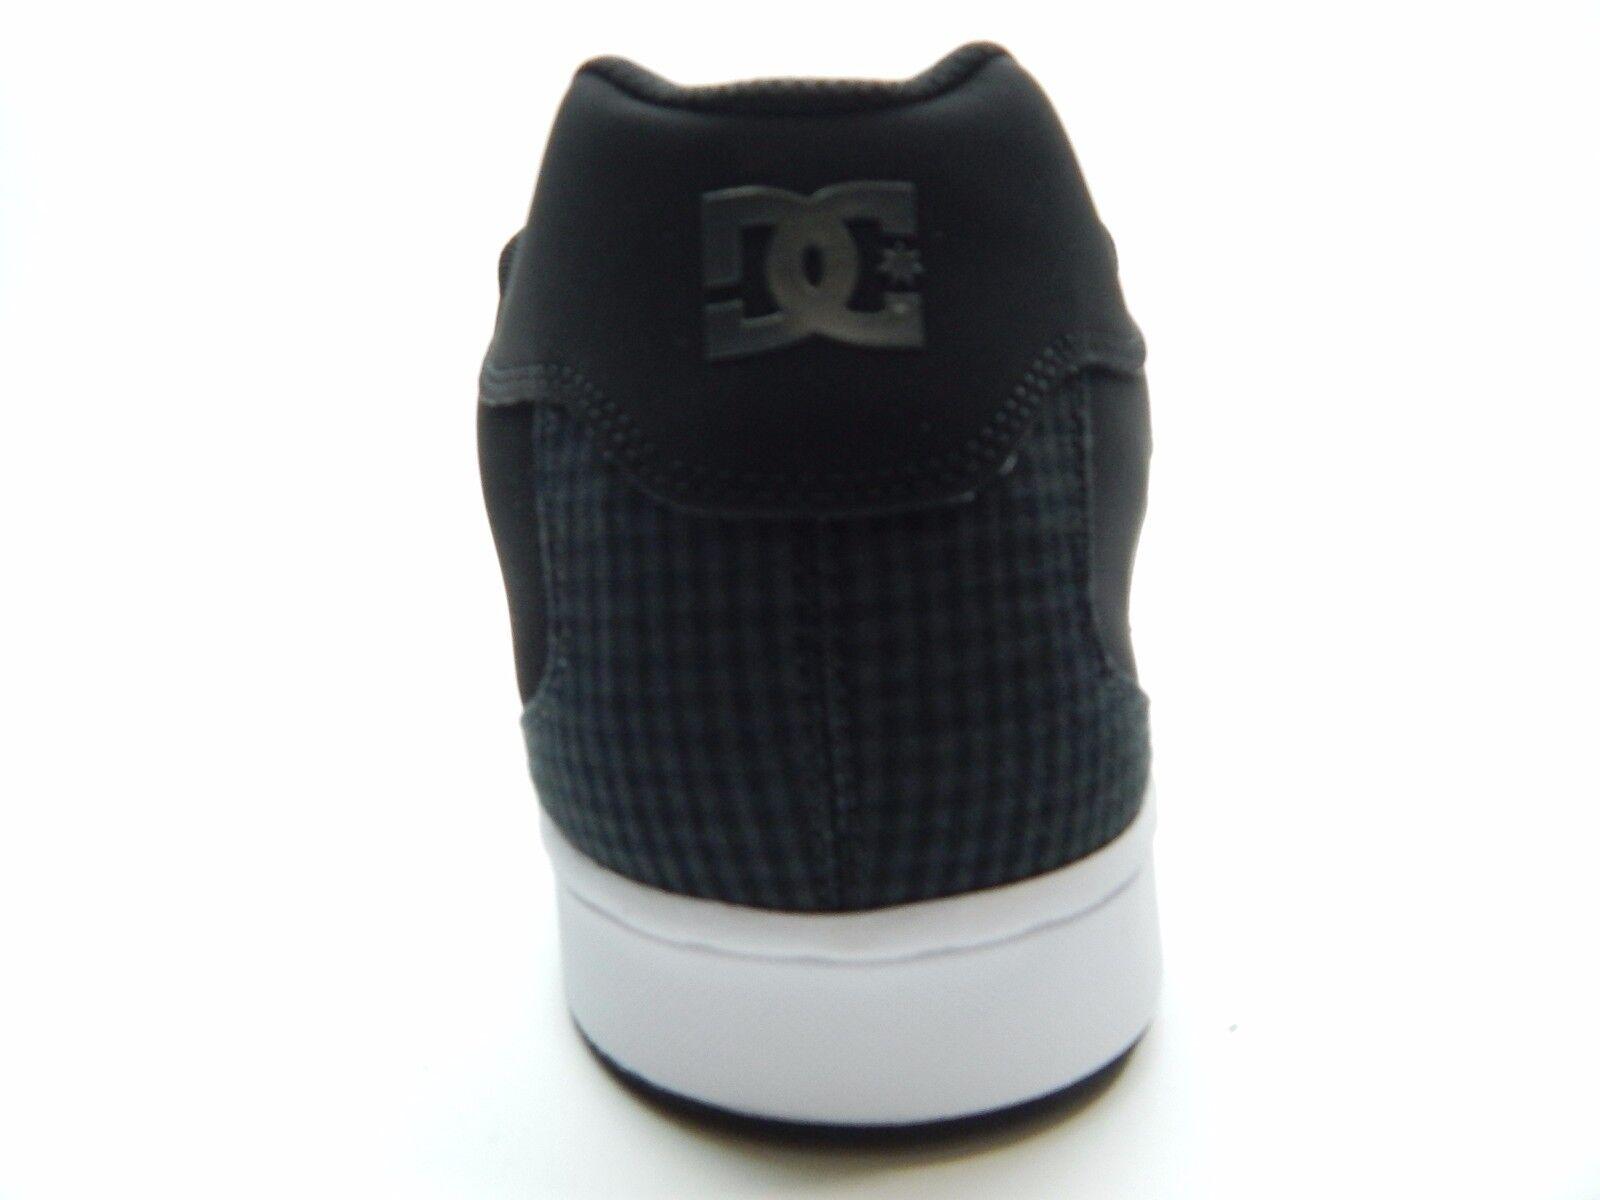 DC Schuhe NET SE BLACK BLACK 302297 MEN Schuhe DC SIZE 17 & 18 f37e9b